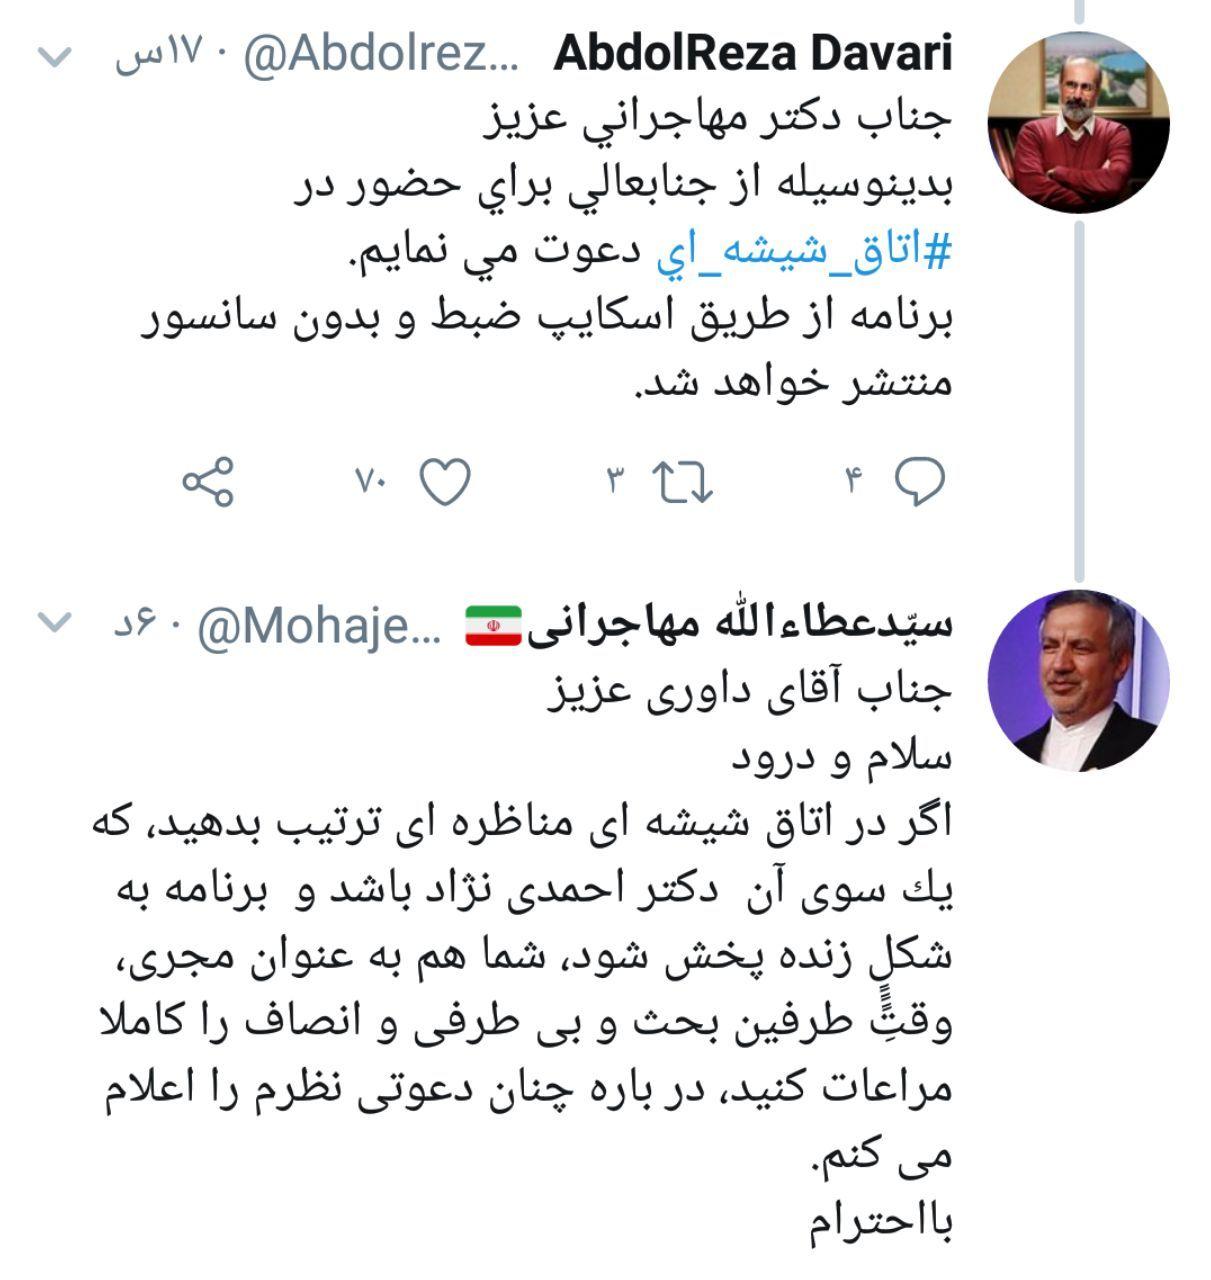 مناظره مهاجرانی و احمدی نژاد